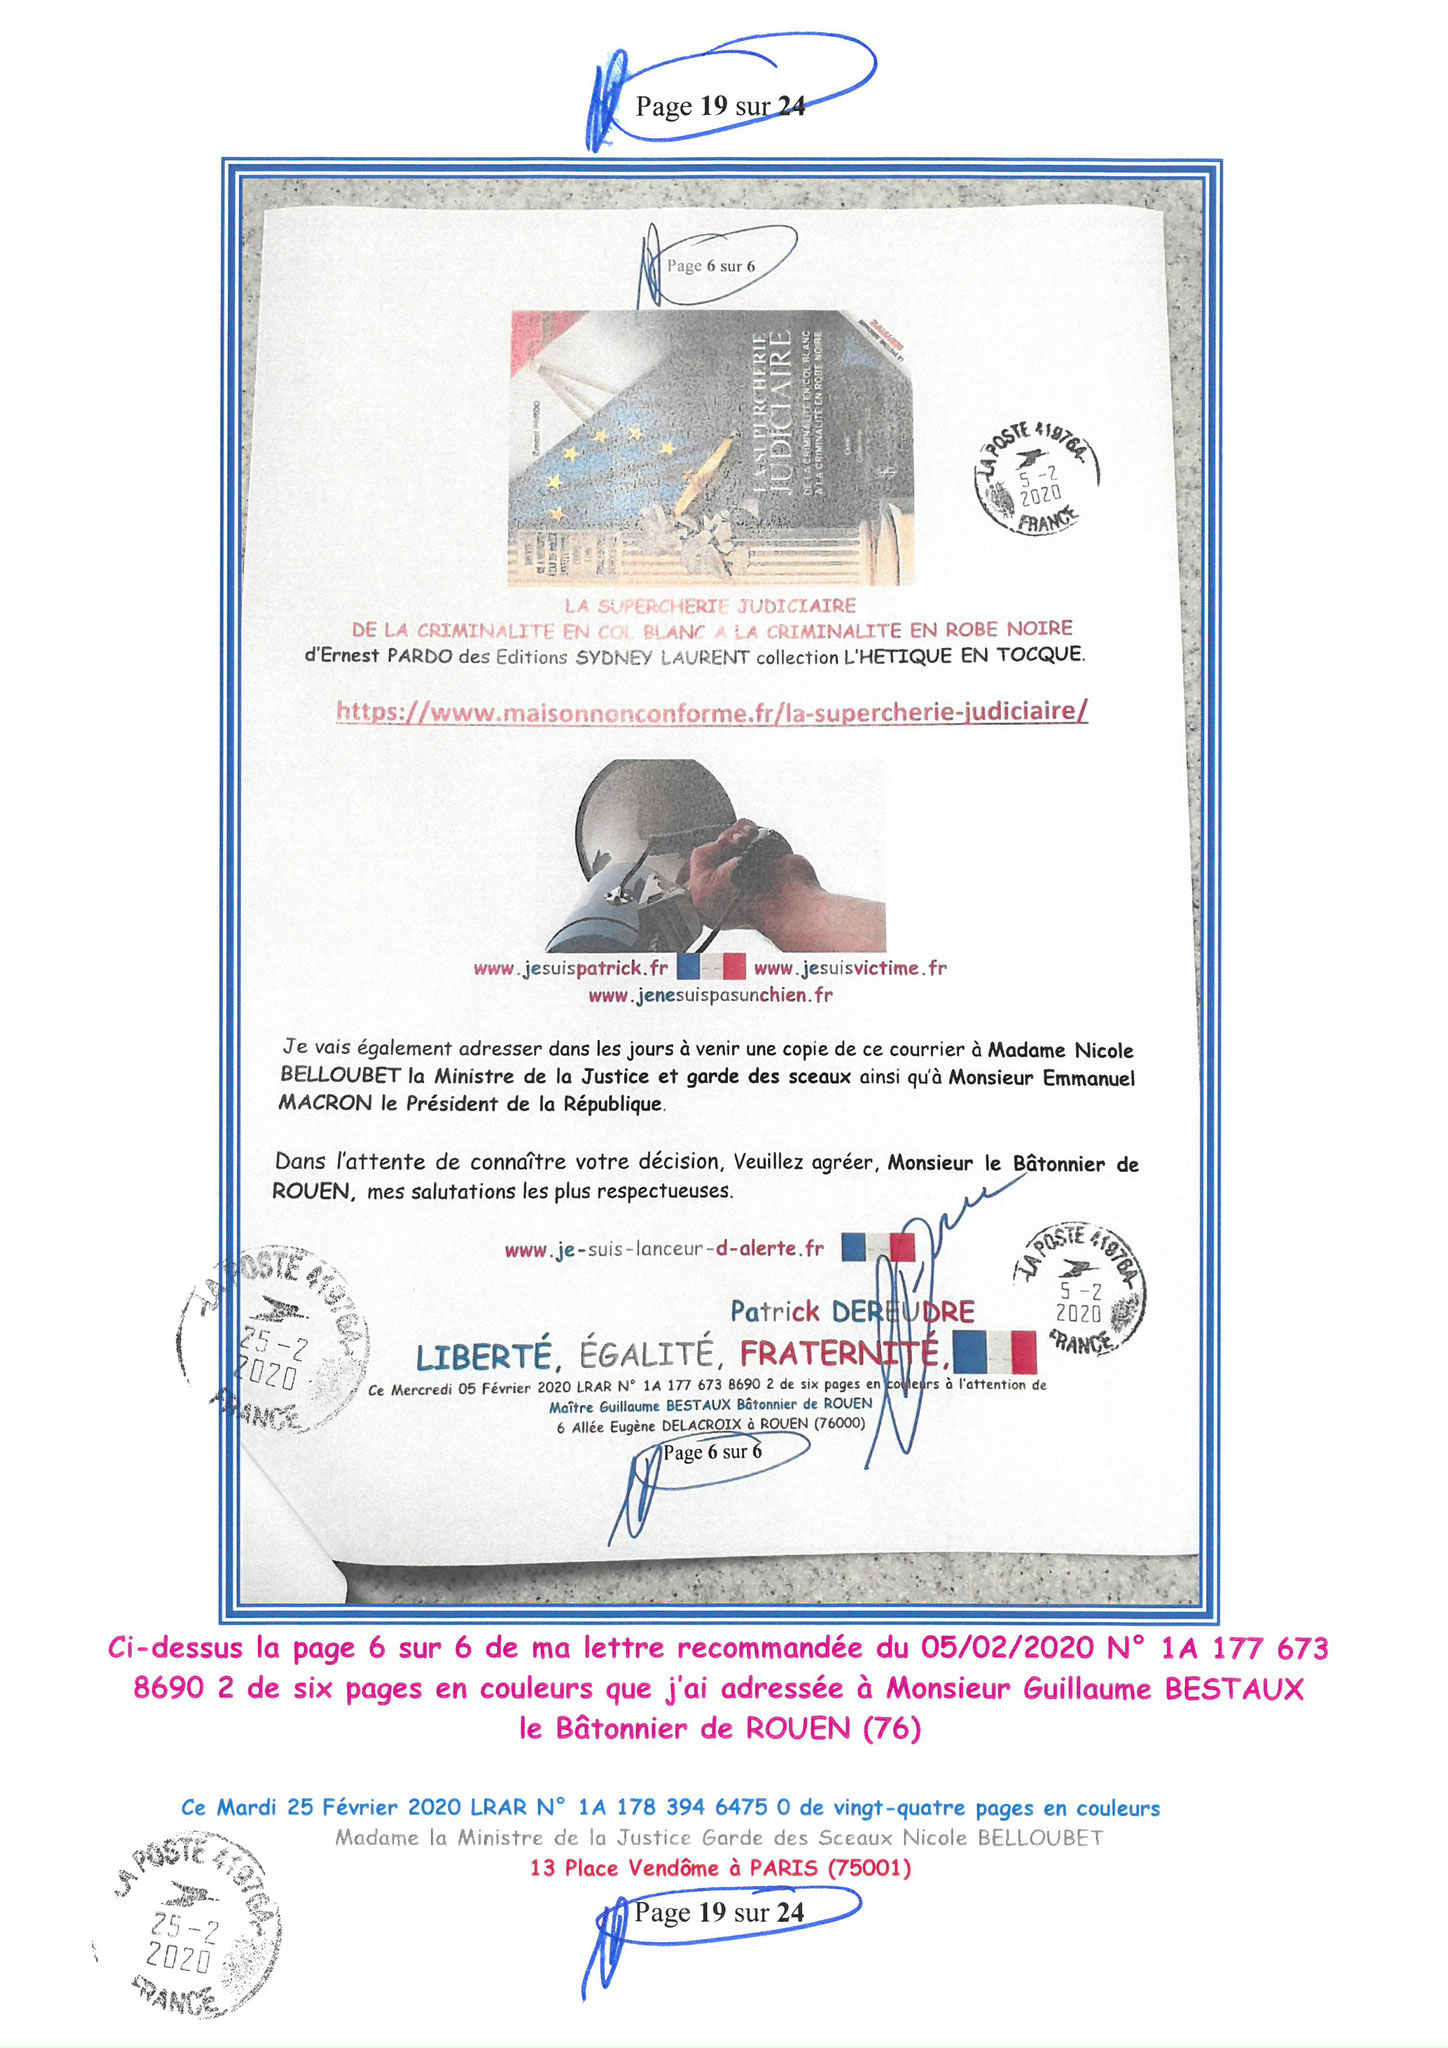 Ma LRAR à Madame Nicole BELLOUBET la Ministre de la Justice N0 1A 178 394 6475 0 Page 19 sur 24 en couleur  www.jesuispatrick.com www.jesuisvictime.fr www.alerte-rouge-france.fr